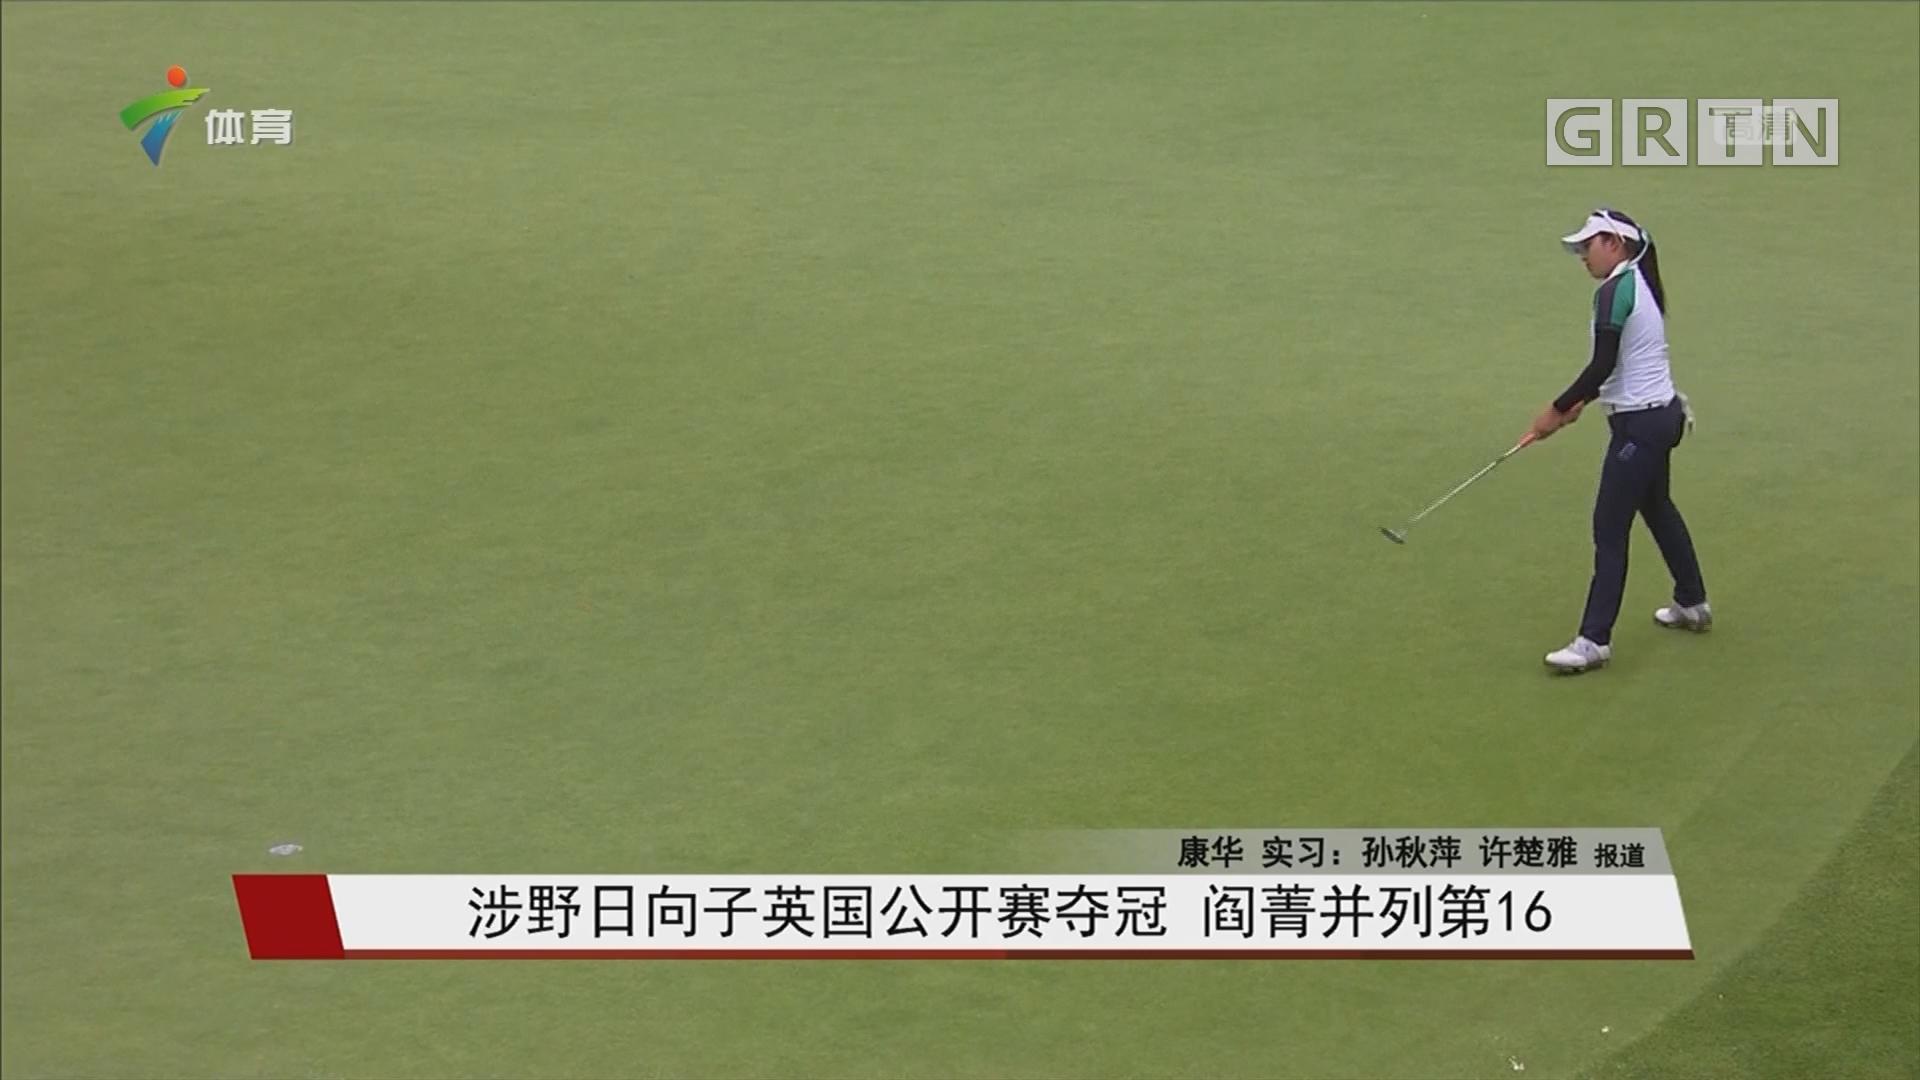 涉野日向子英国公开赛夺冠 阎菁并列第16